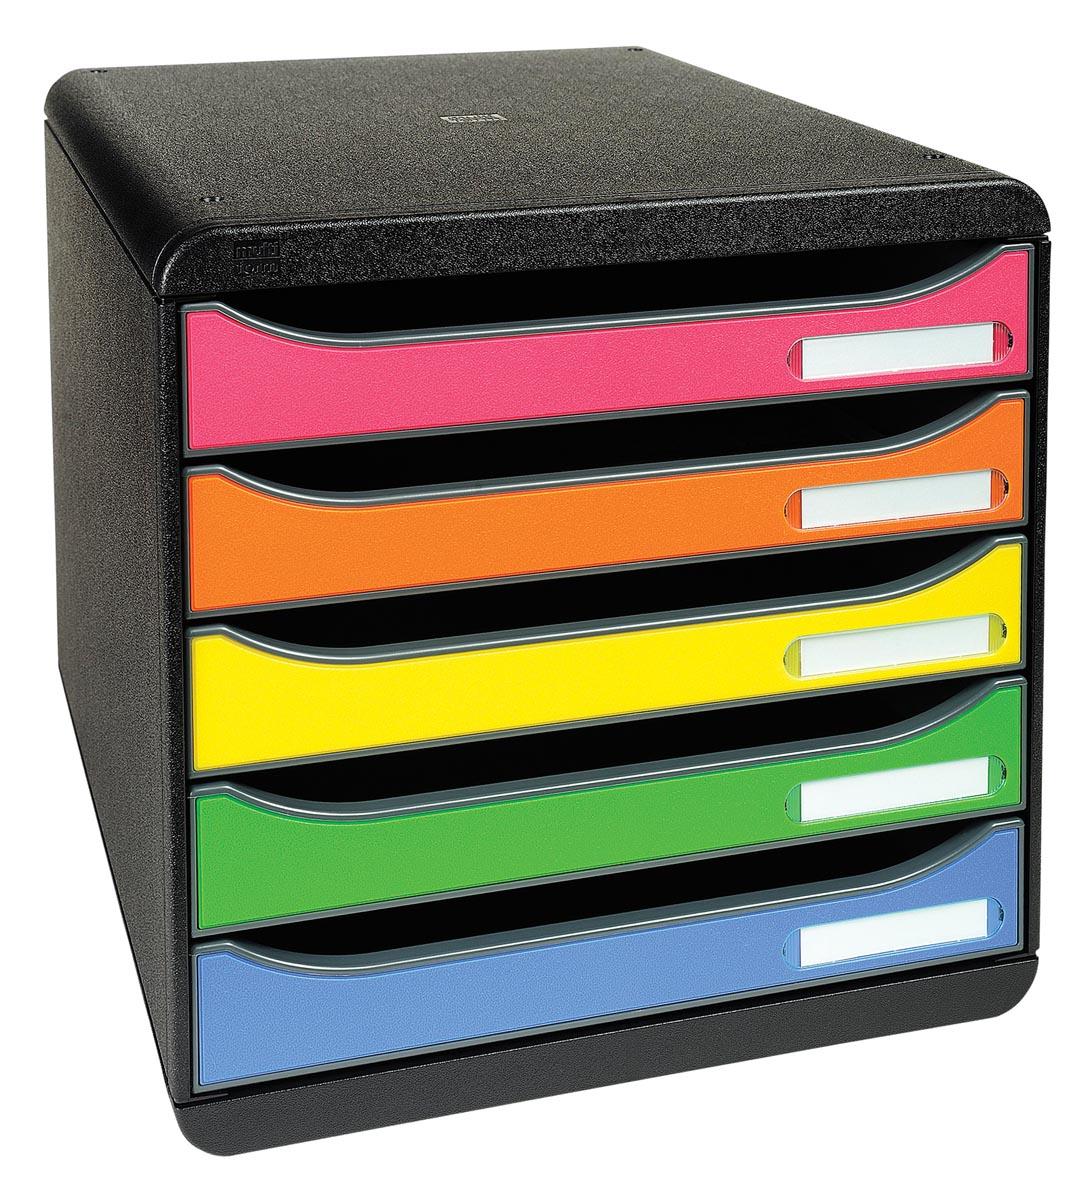 Exacompta 309798D Ladenblokken Zwart roze oranje geel groen lichtblauw PS 27 8 x 34 7 x 27 1 cm Stuk